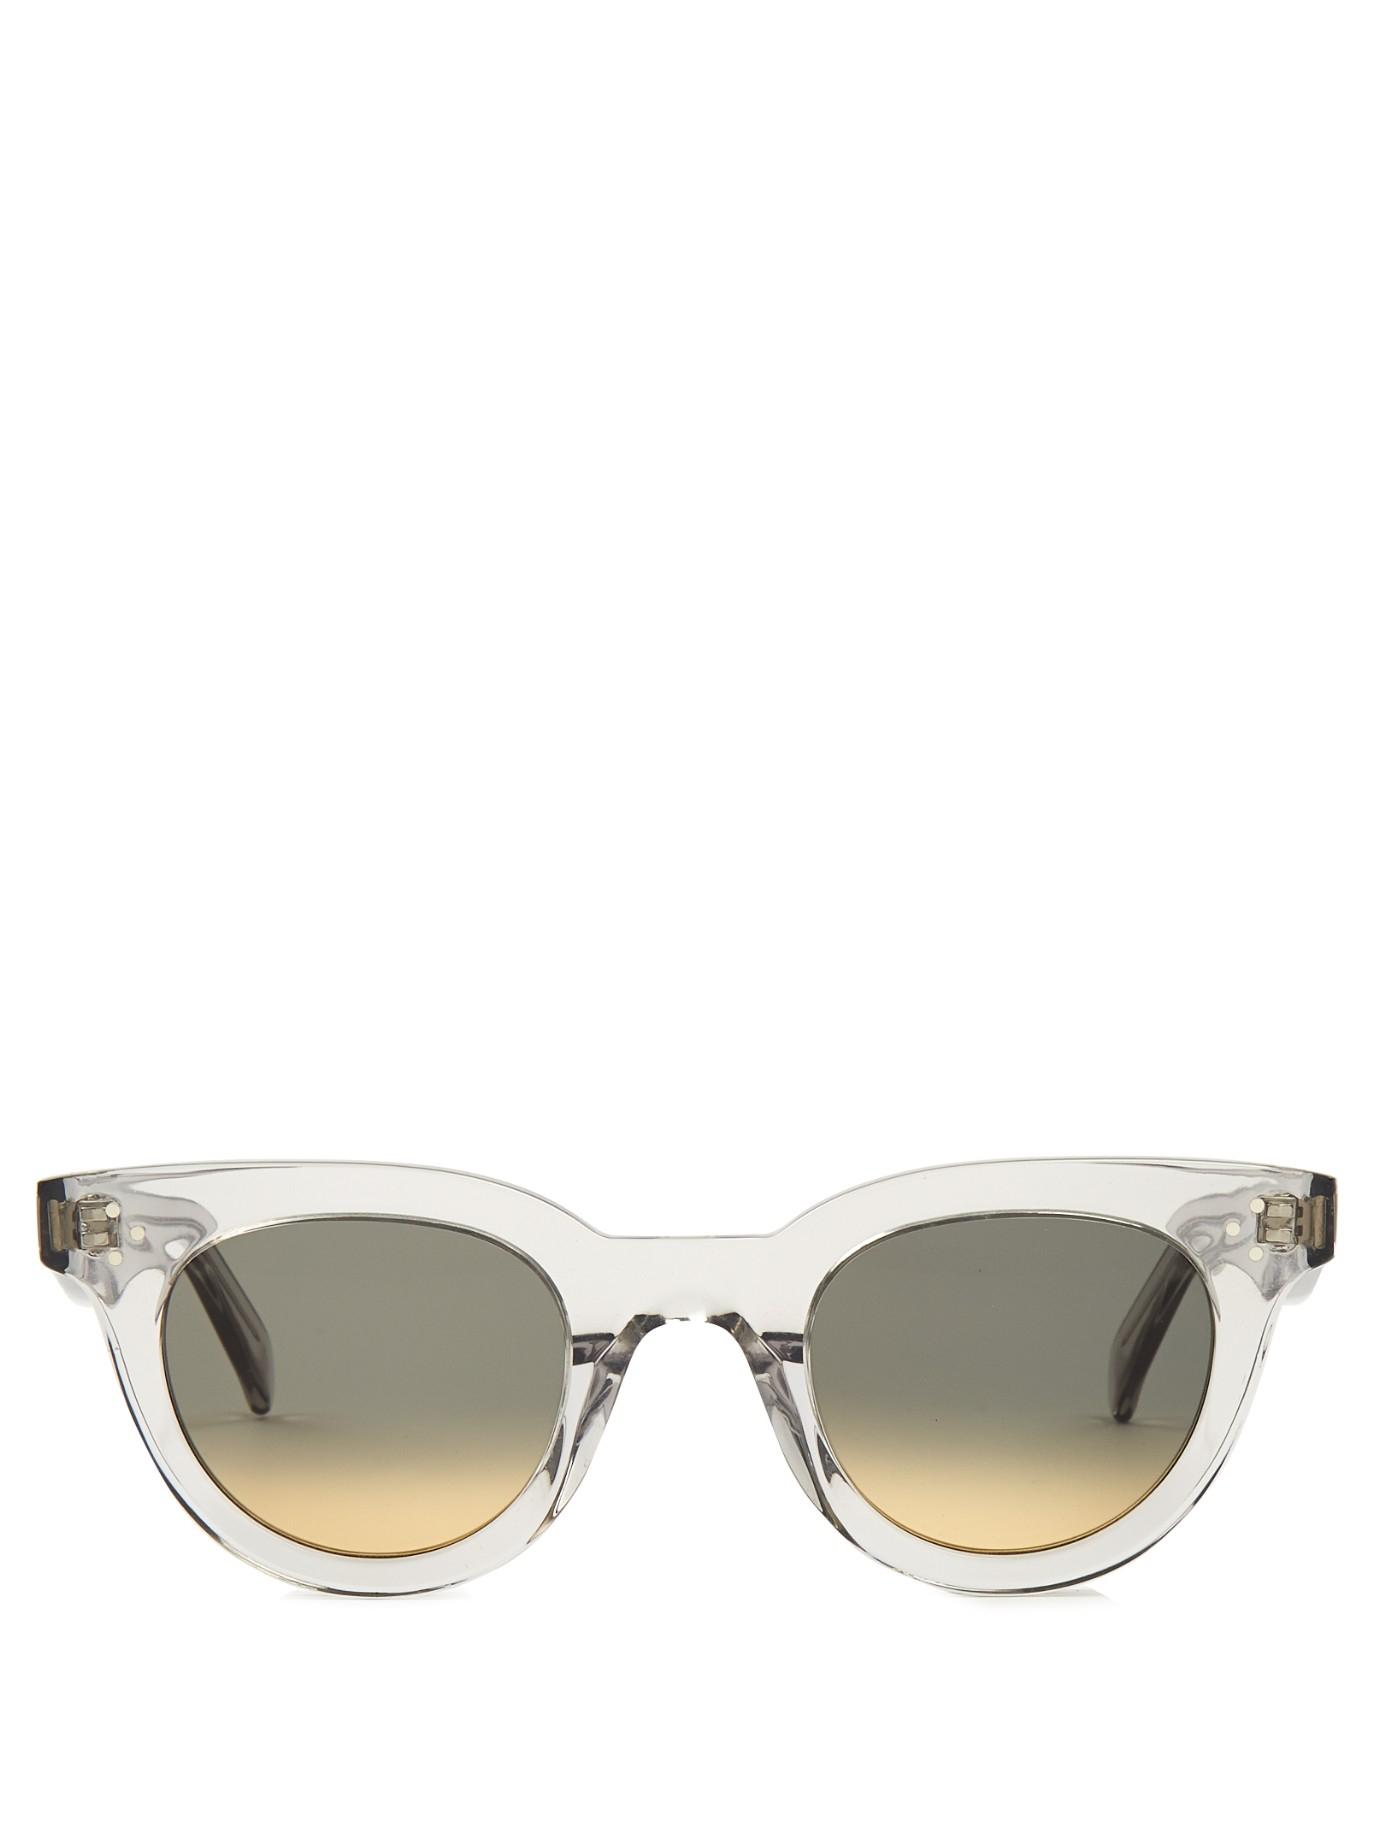 ca52adbc0eec Céline D-frame Acetate Sunglasses - Lyst